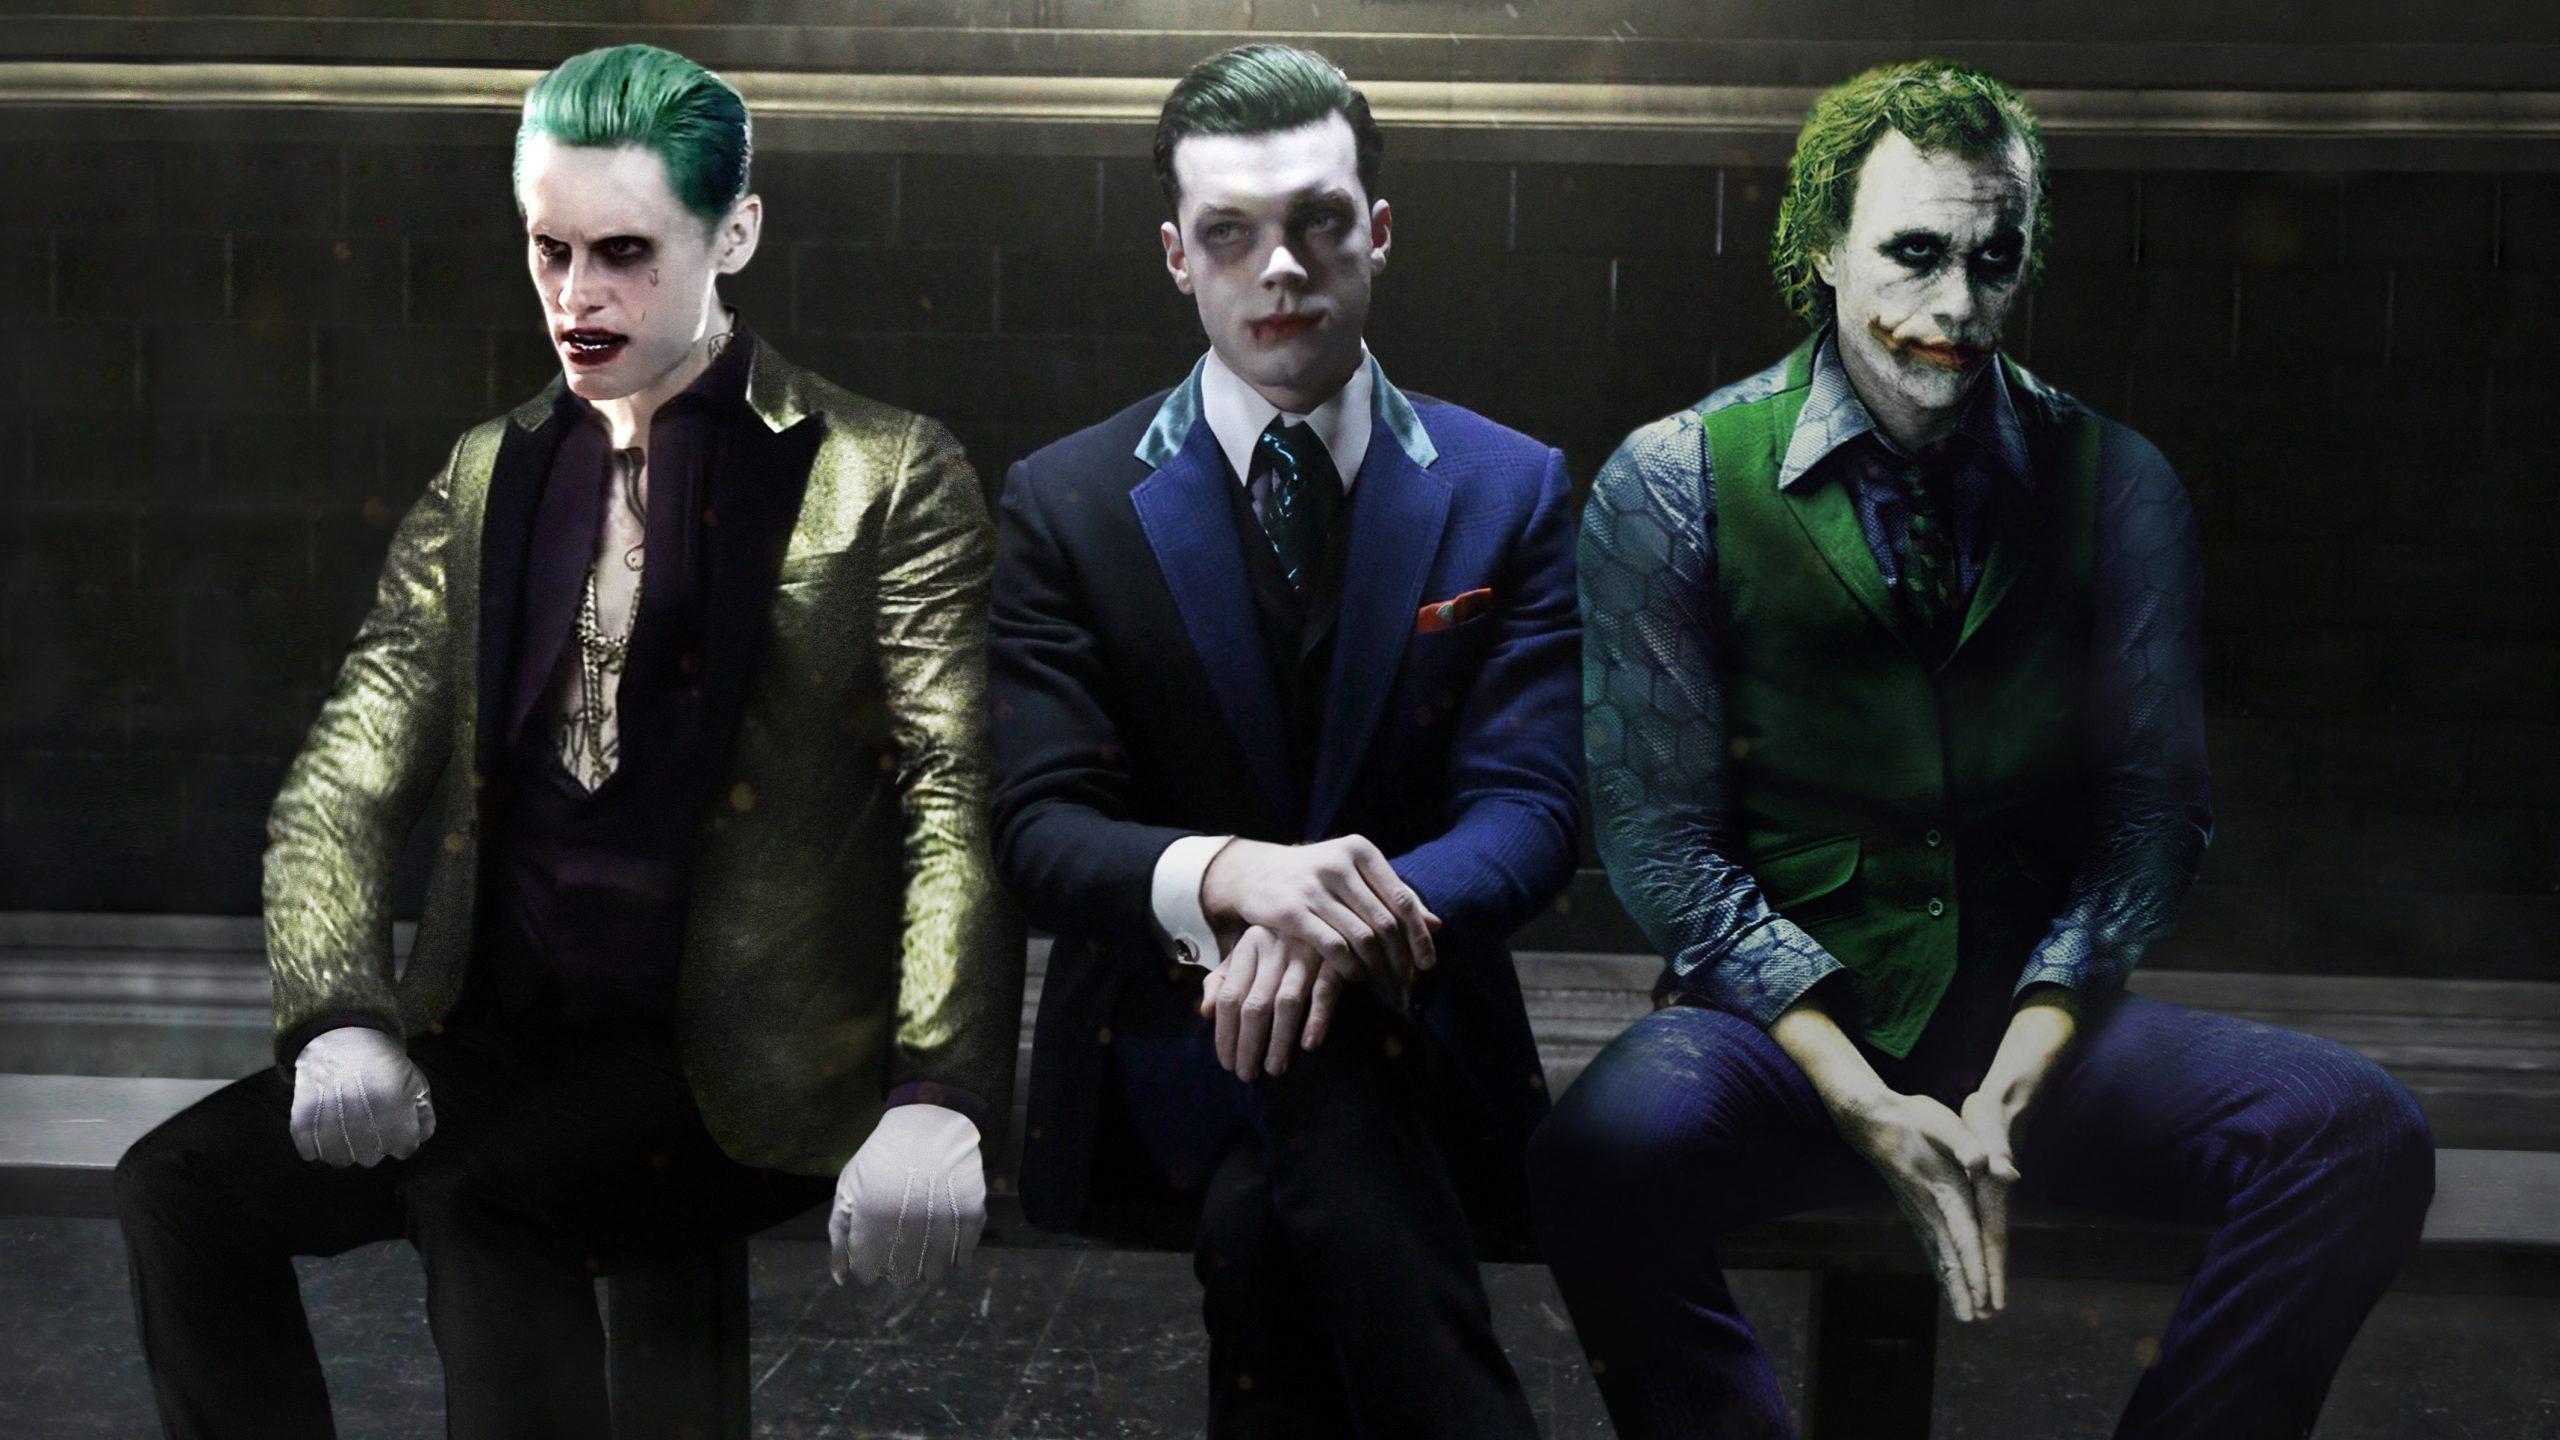 9 Joker Jared Leto Hd 898155 Hd Wallpaper Backgrounds